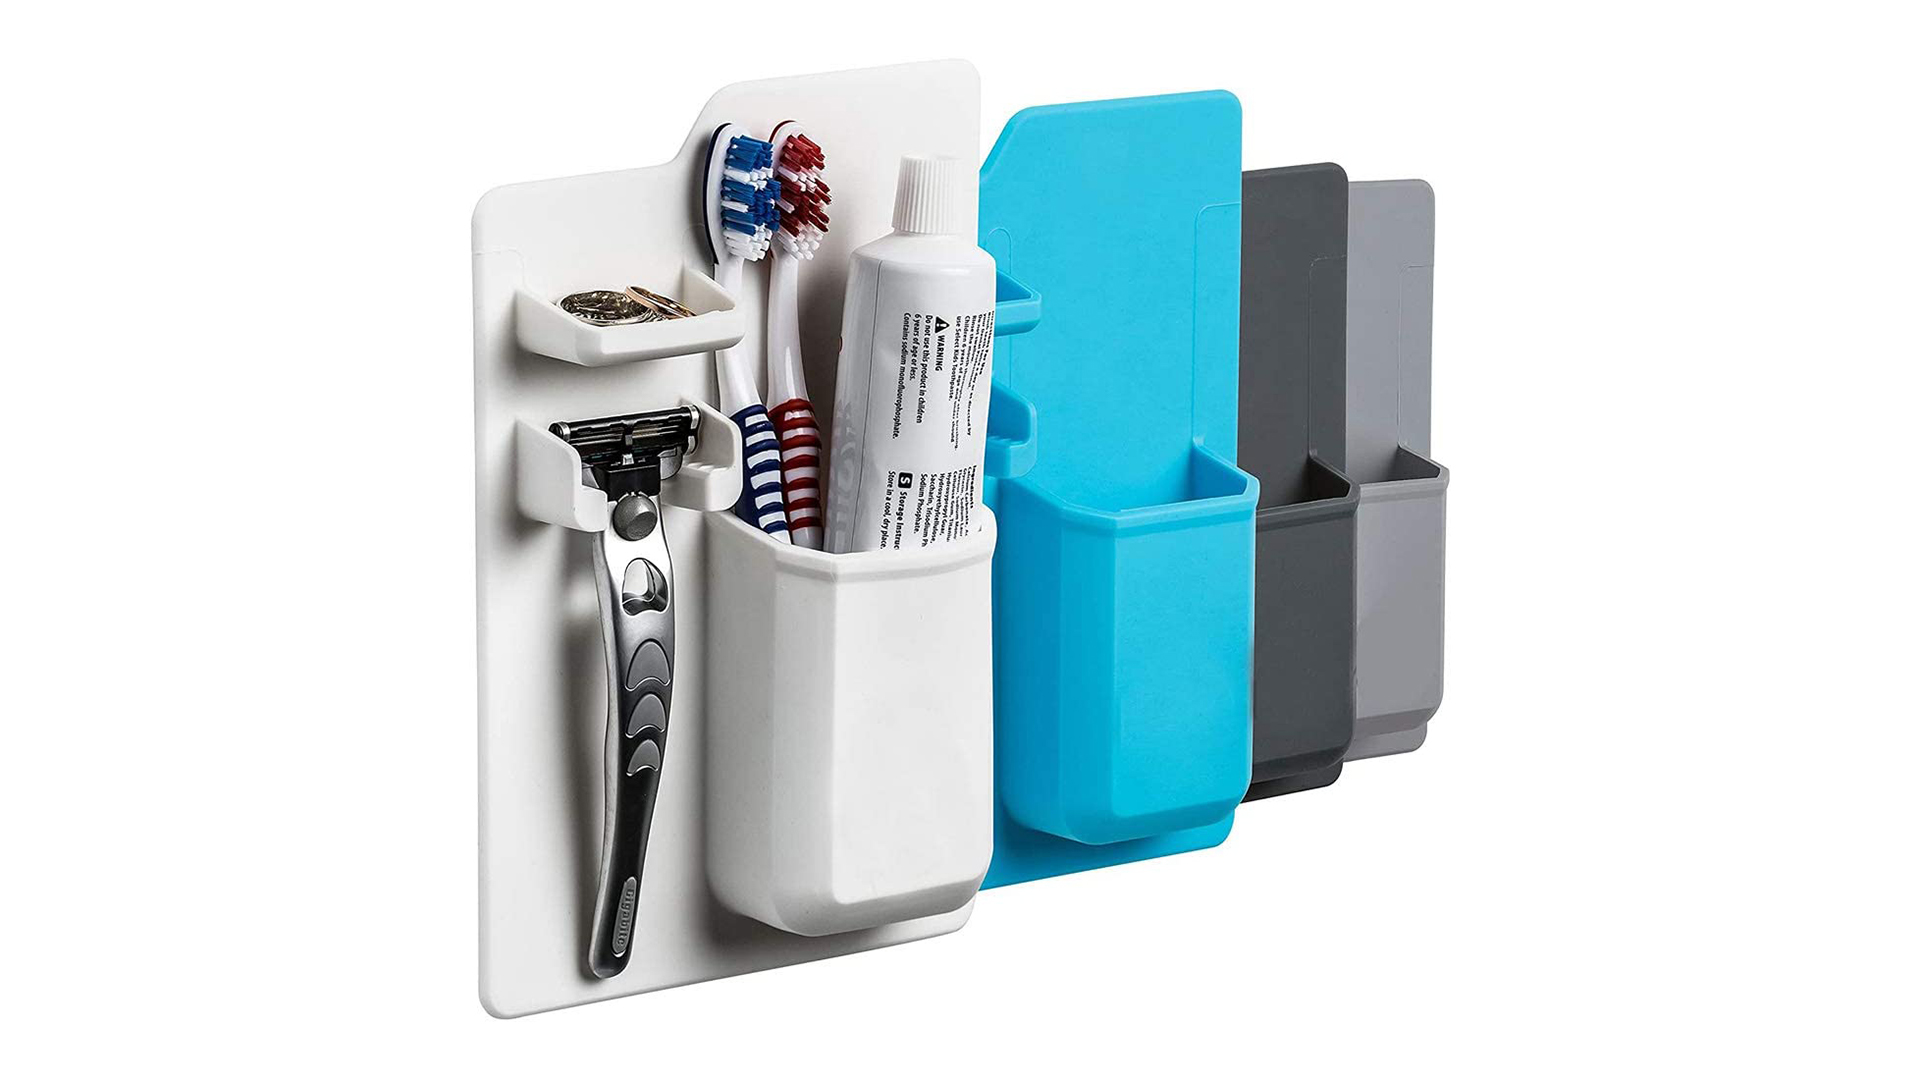 Silicone Salle de bains Stockage Organisateur Porte-brosse à dents Maquillage Cuisine Montée murale Non-Punch Sans aspiration DH-Silicone